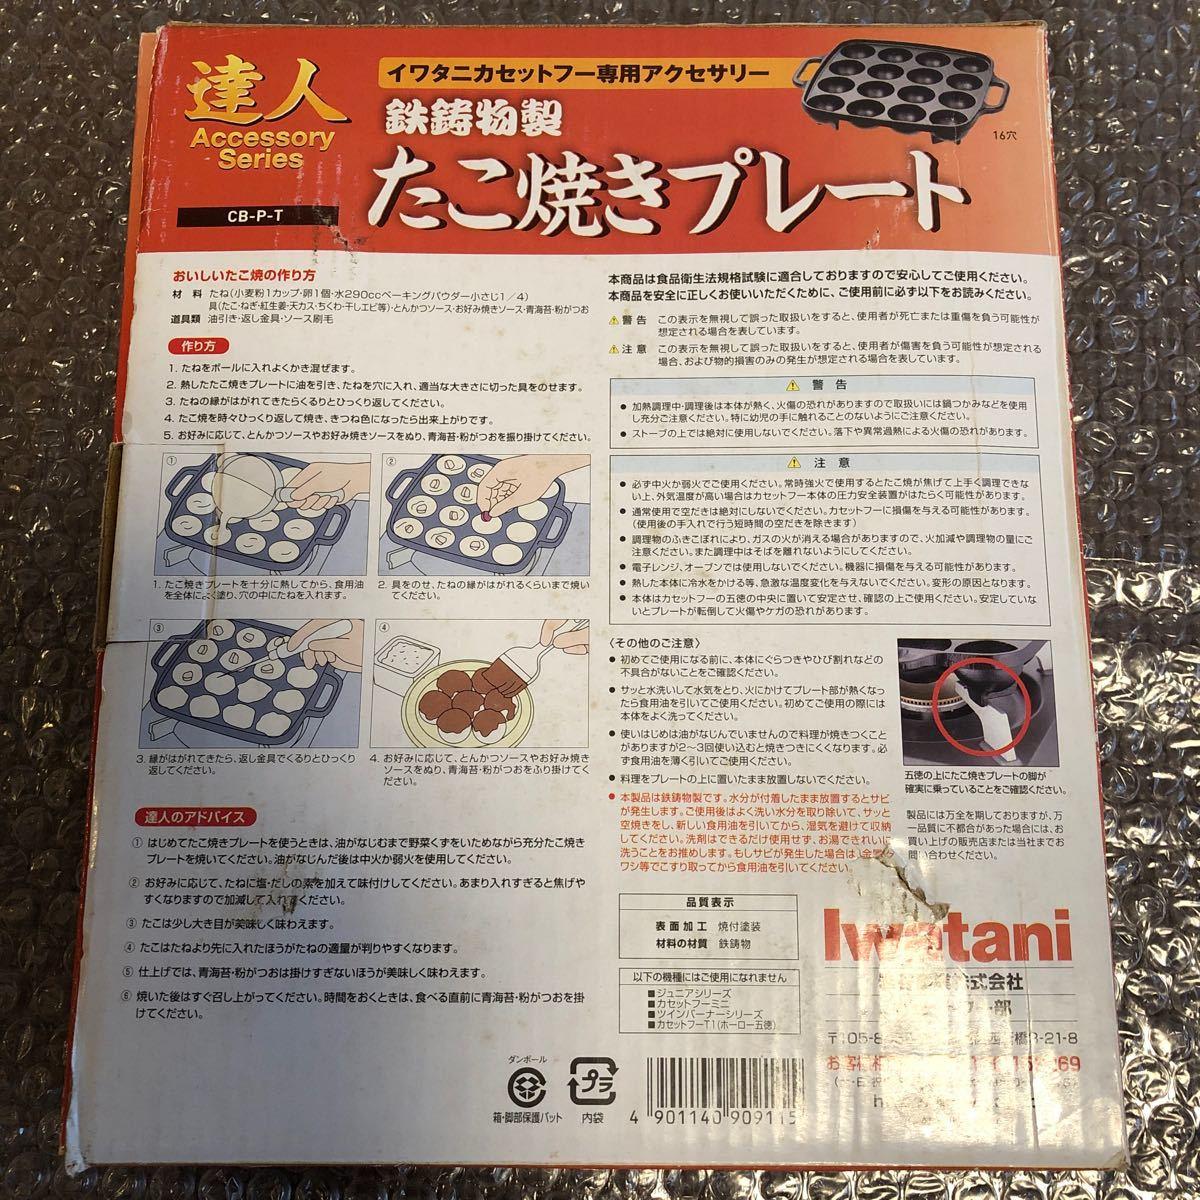 イワタニ たこ焼きプレート CB-P-T 鉄製